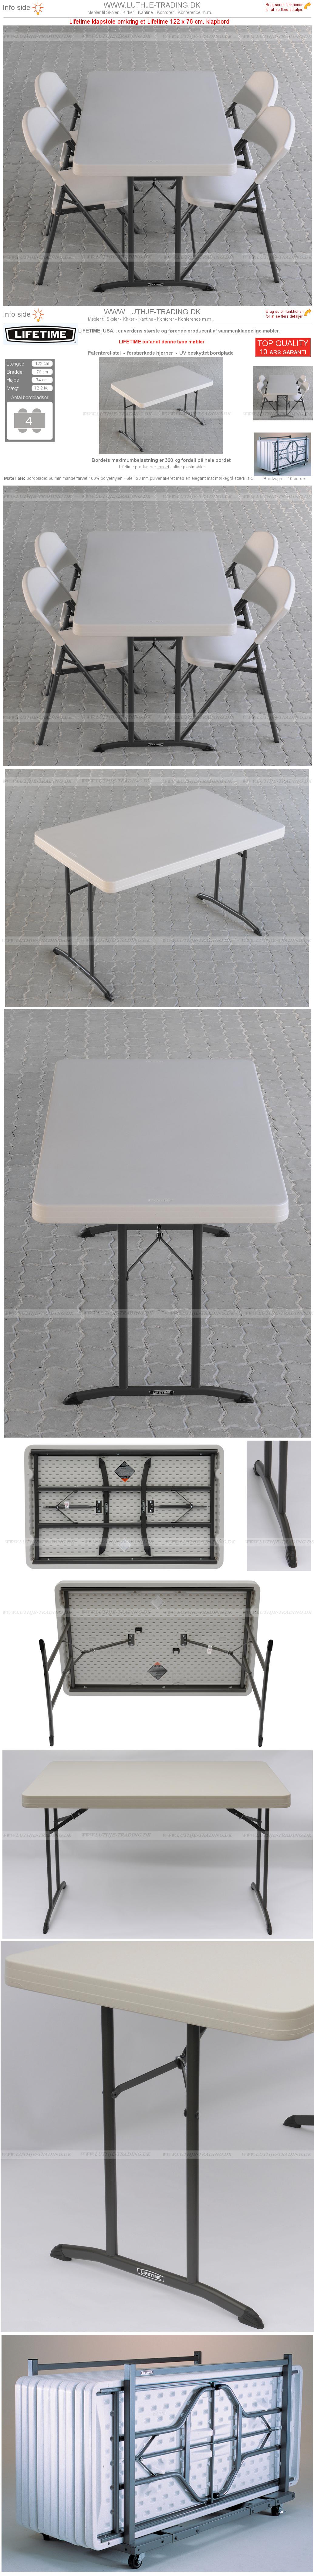 Klapstole med klapbord 122 x 76 cm